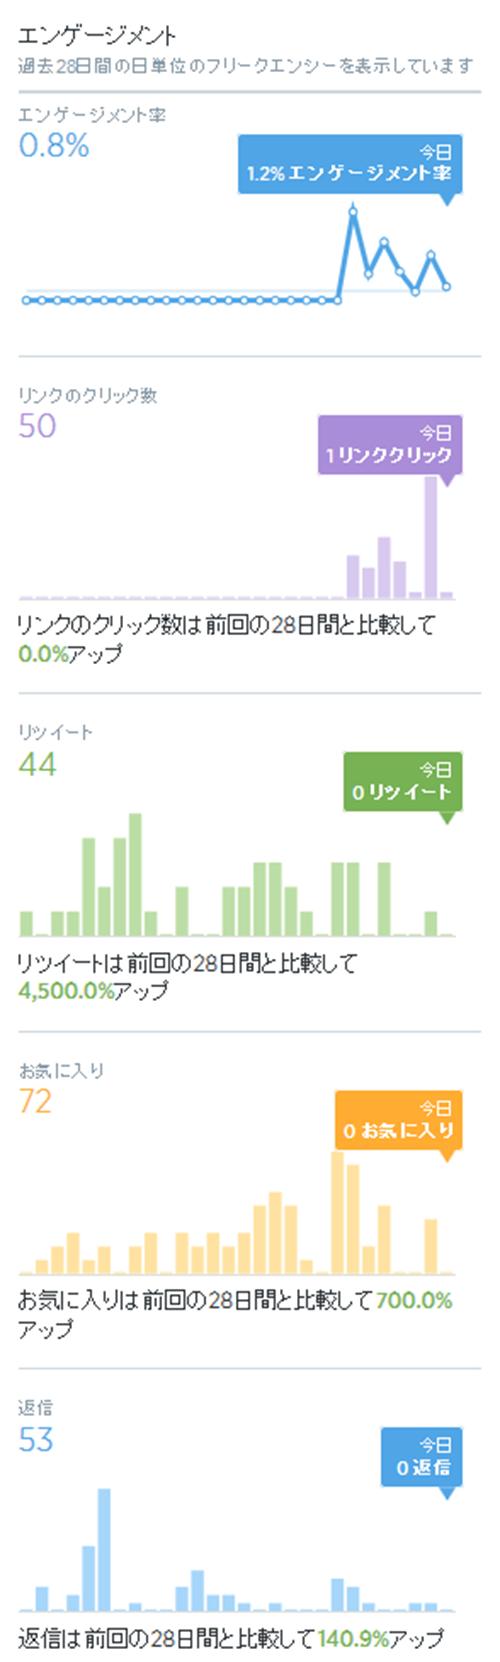 その他のクラフ